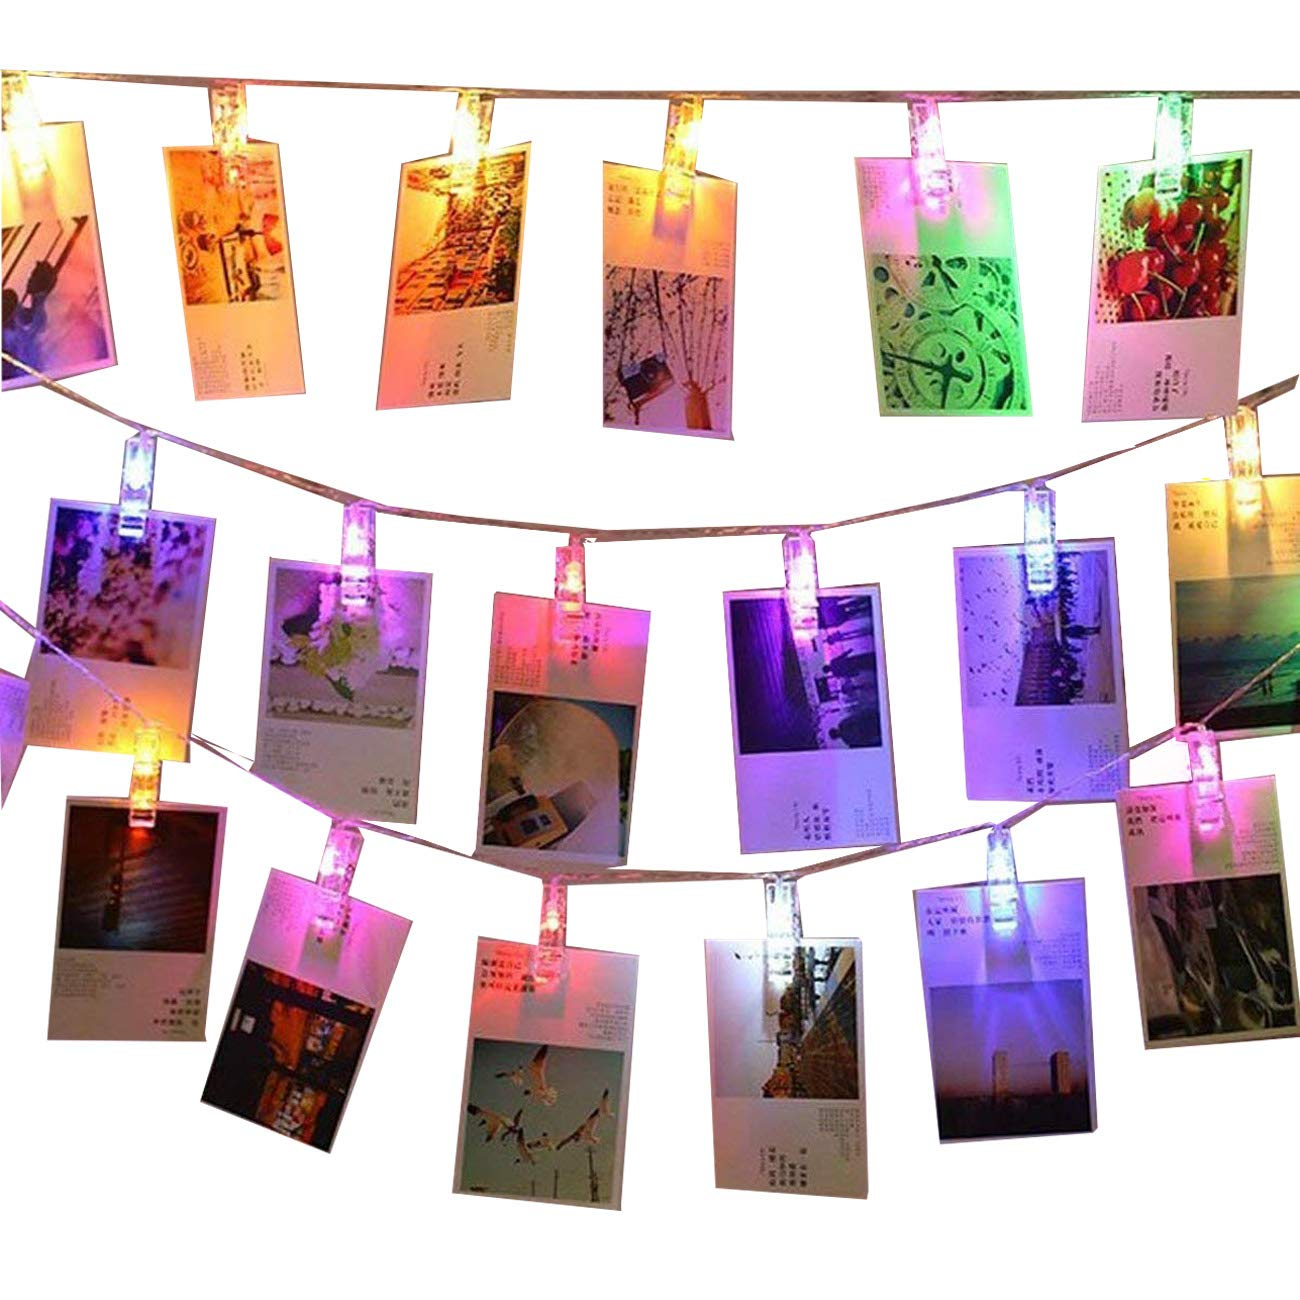 LED Foto Clip Lichterkette, KINGCOO 5M 40 Foto-Clips Batteriebetriebene Stimmungsbeleuchtung Dekoration für Hängendes Foto Memos Kunstwerke (Bunt)